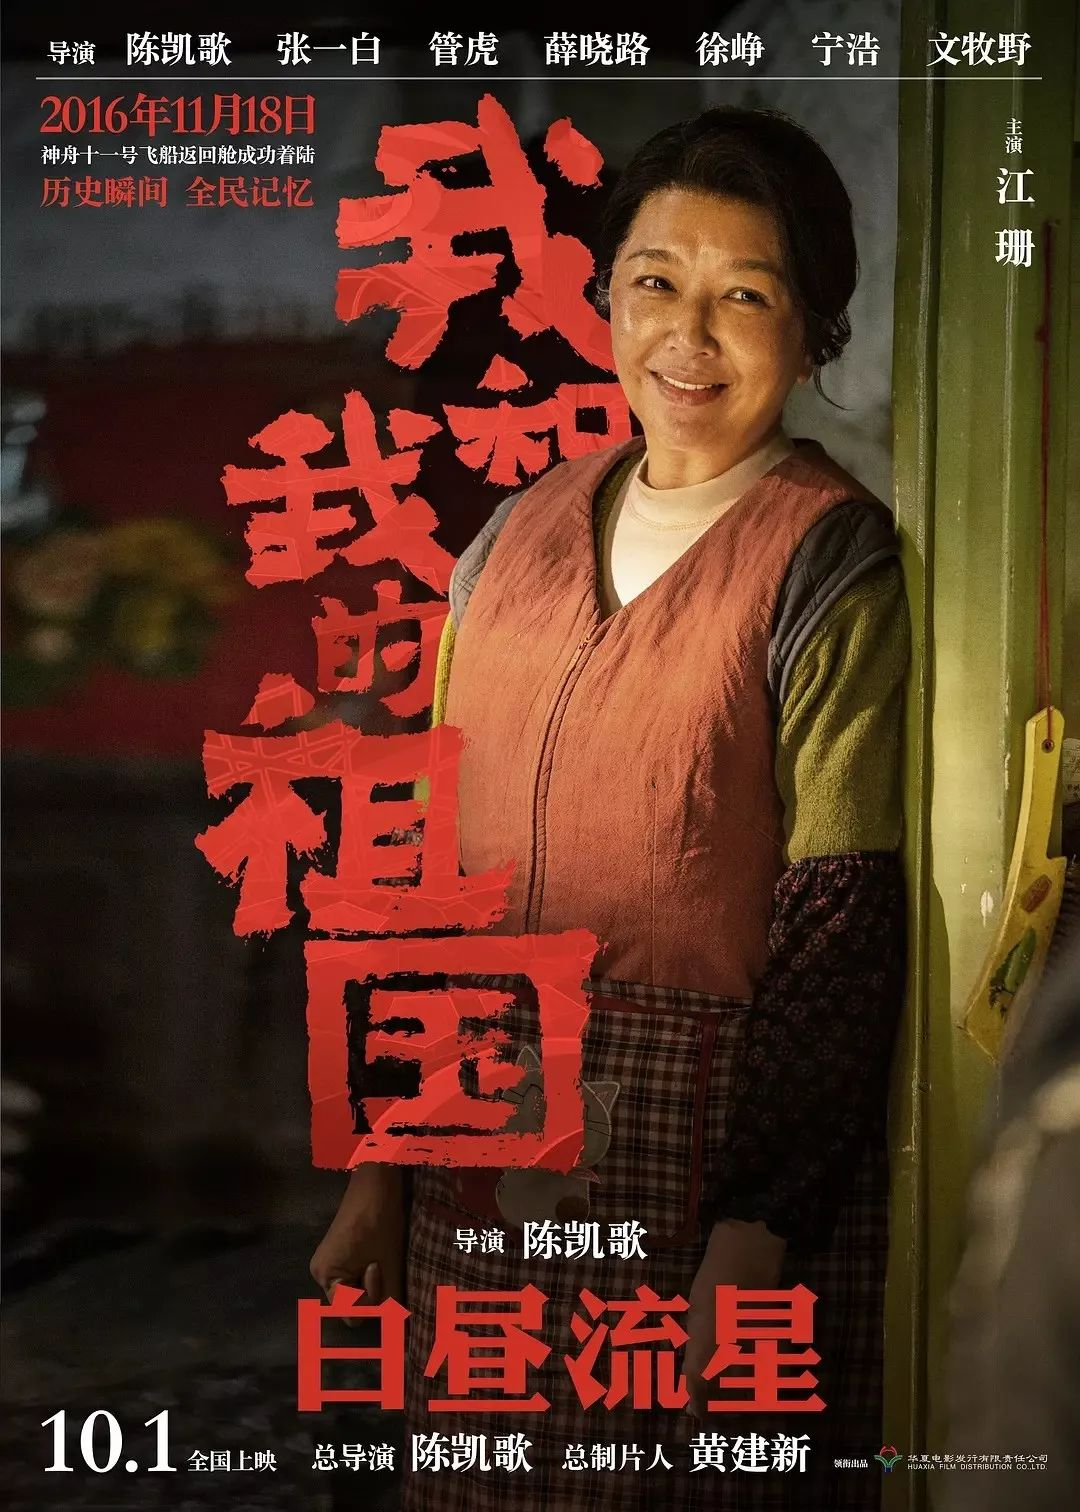 风雨同舟70载,与你同兴中国梦,9月30日,《我和我的祖国》,与你一起